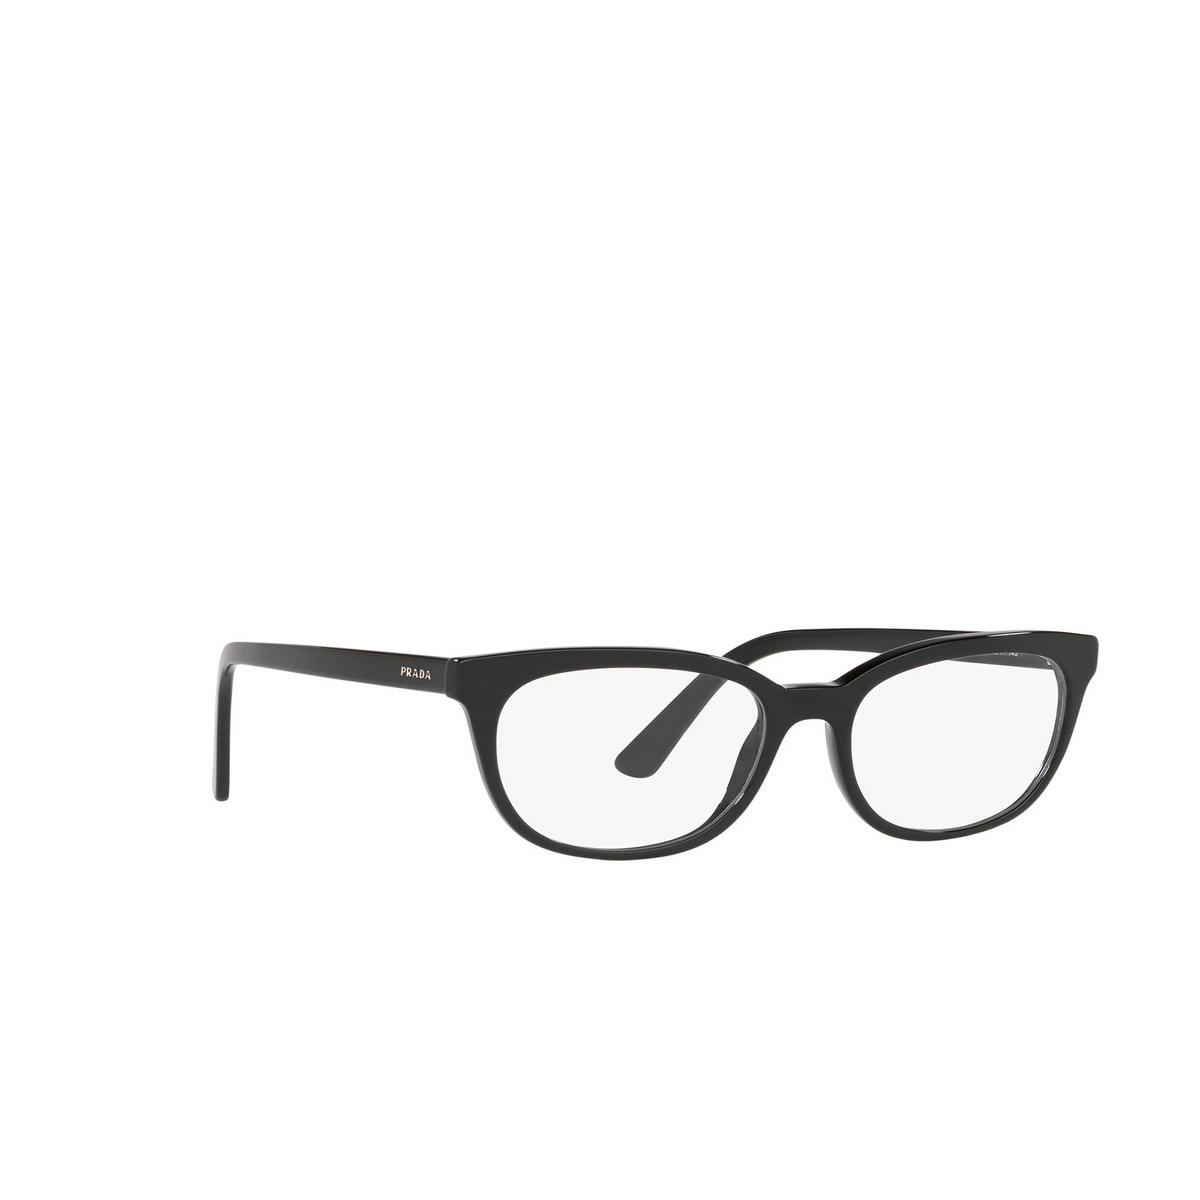 Prada® Oval Eyeglasses: Catwalk PR 13VV color Black 1AB1O1 - three-quarters view.